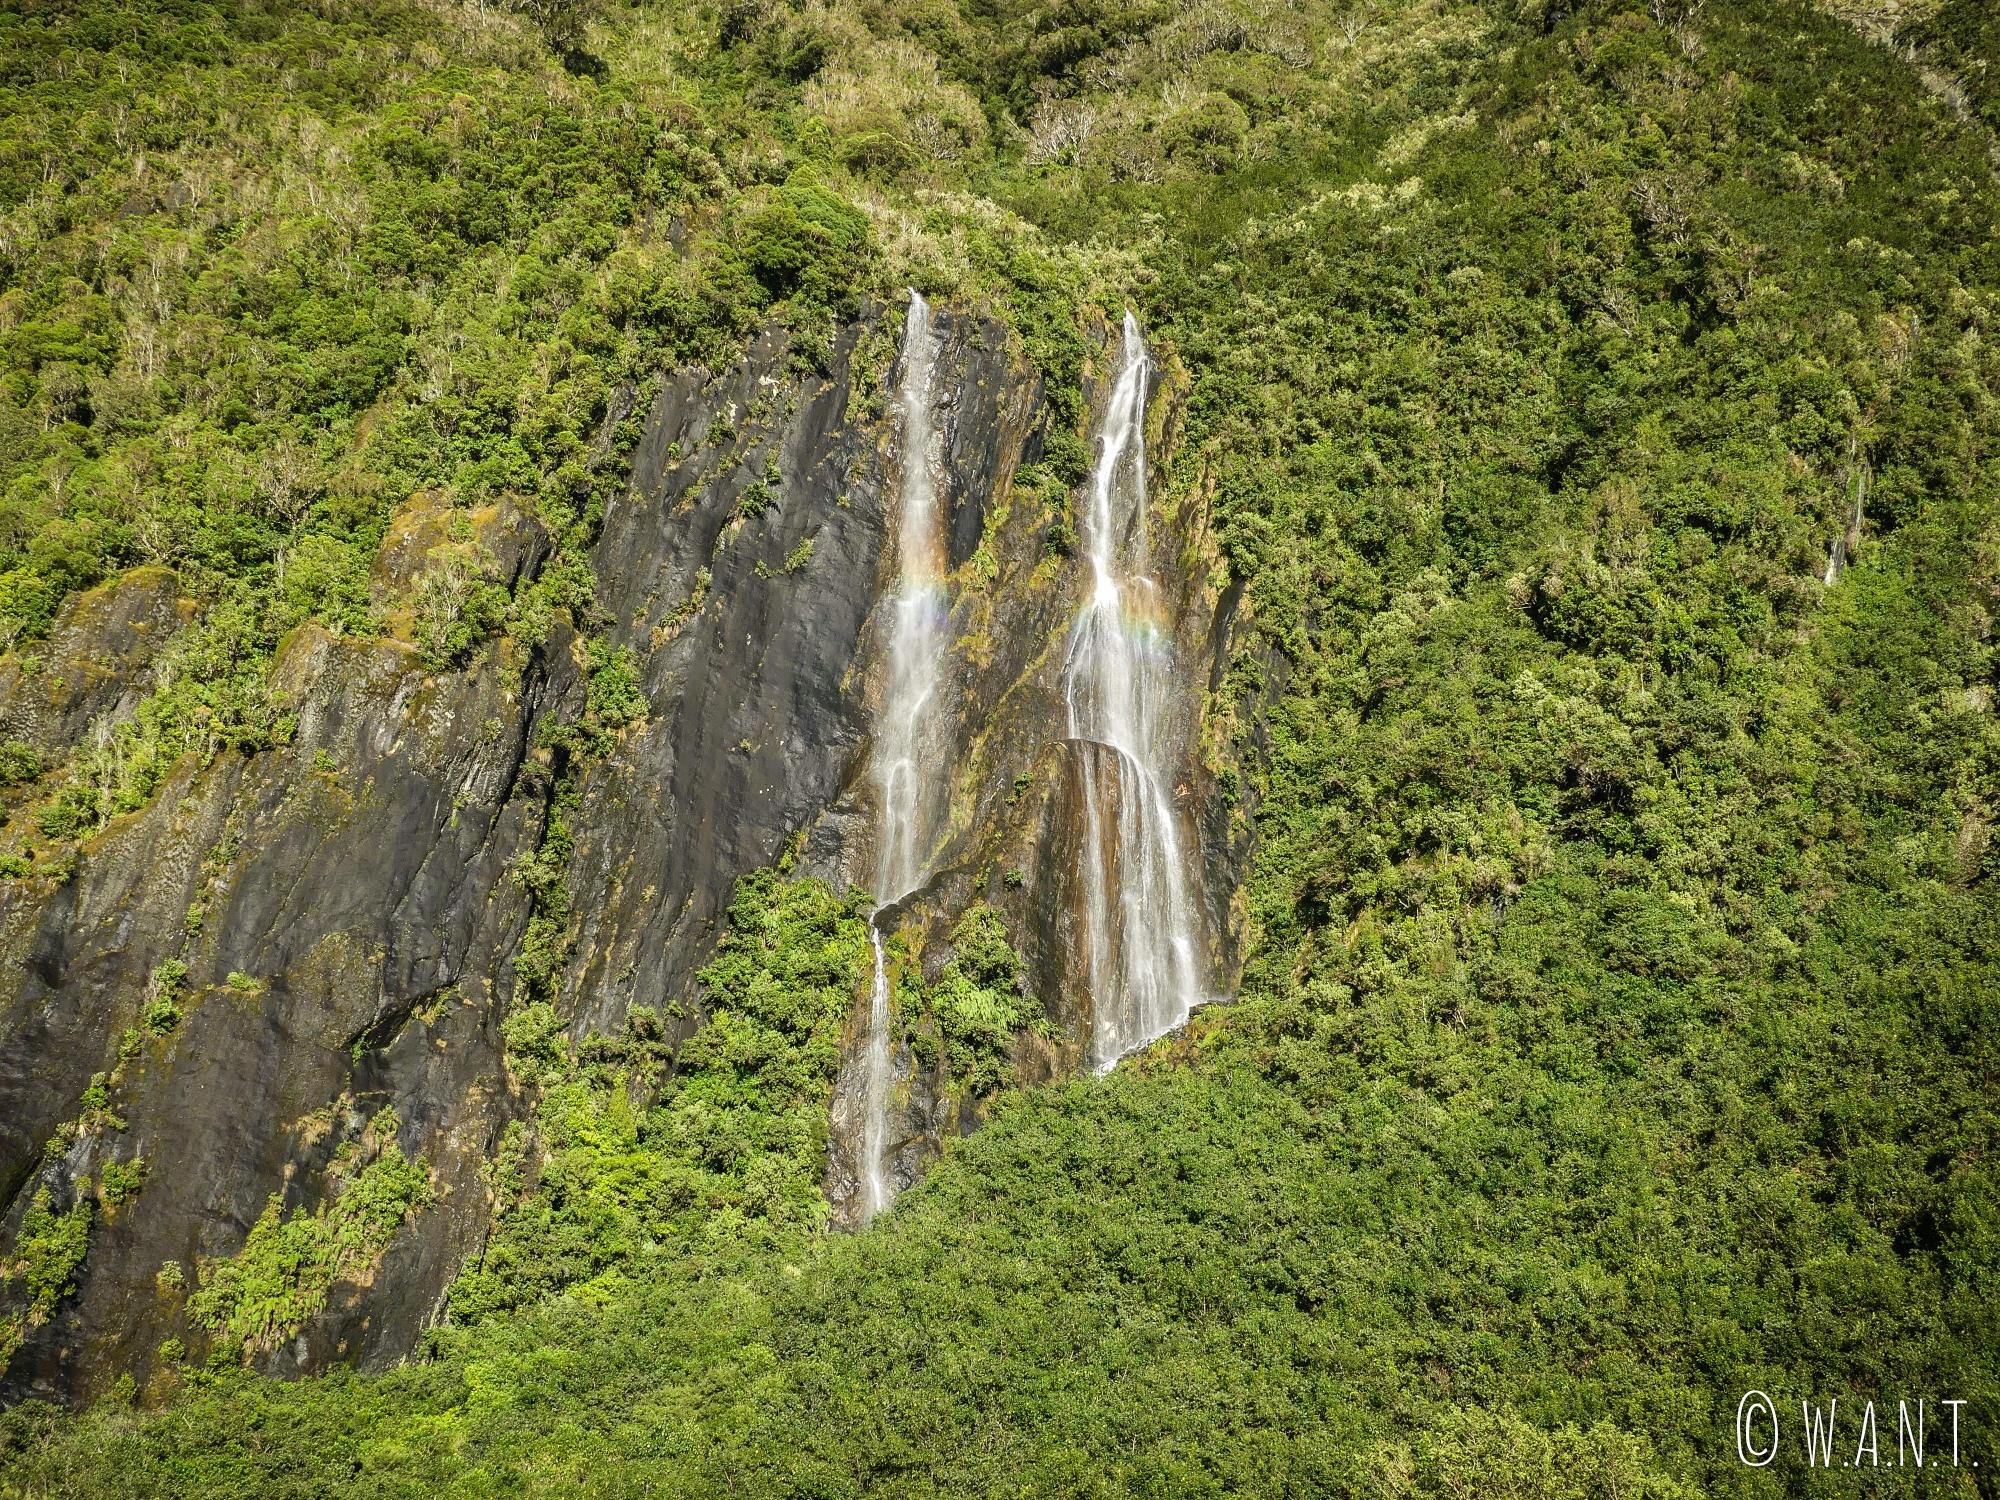 Cascades le long de la montagne qui entoure la randonnée menant au Franz Joseph Glacier en Nouvelle-Zélande